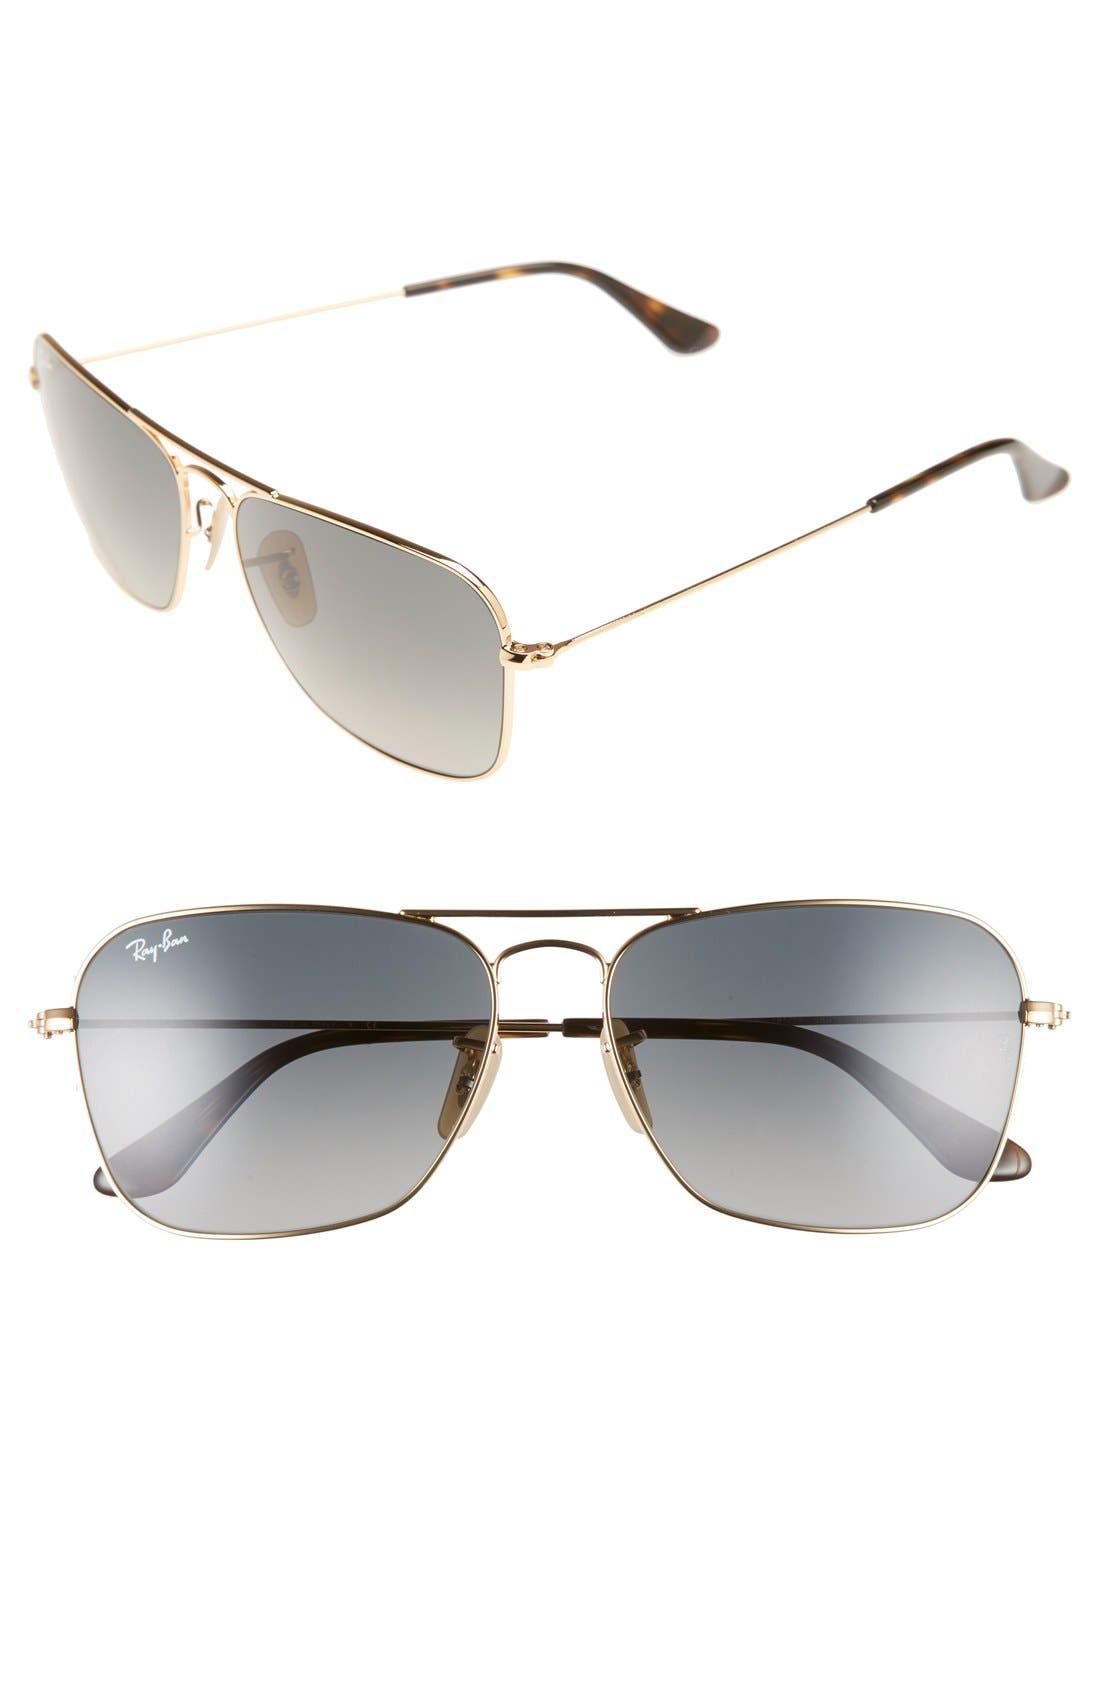 RAY-BAN Caravan 58mm Aviator Sunglasses, Main, color, GOLD/ GREY GRADIENT